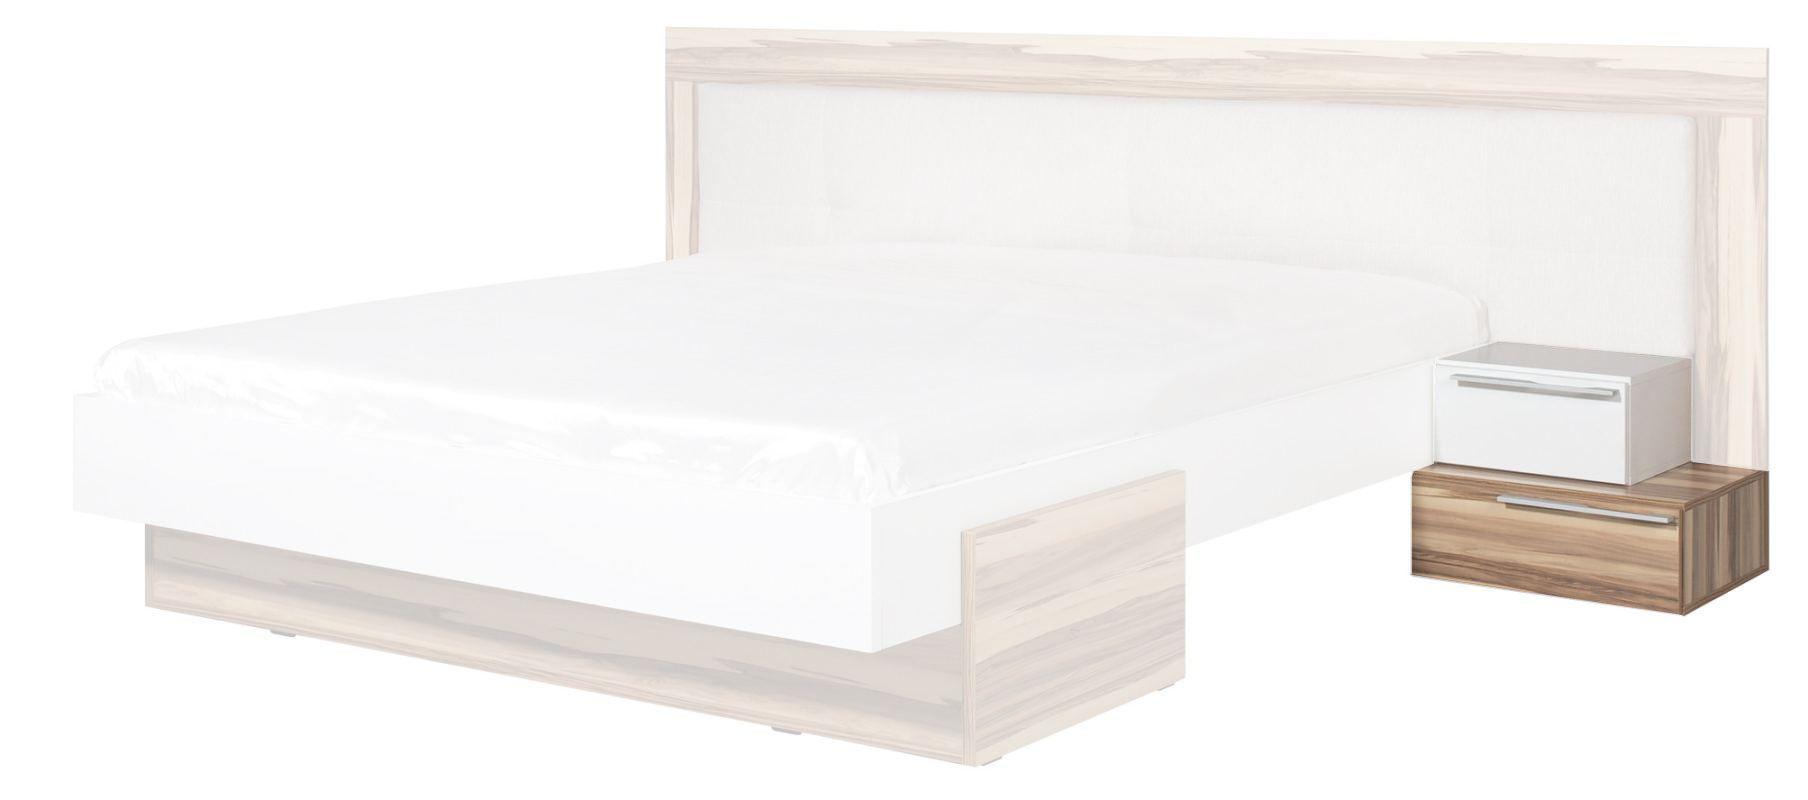 """Nachtkästchen """"Andenne"""" 06, Weiß / Walnuss - Abmessungen: 38 x 51 x 44 cm (H x B x T)"""